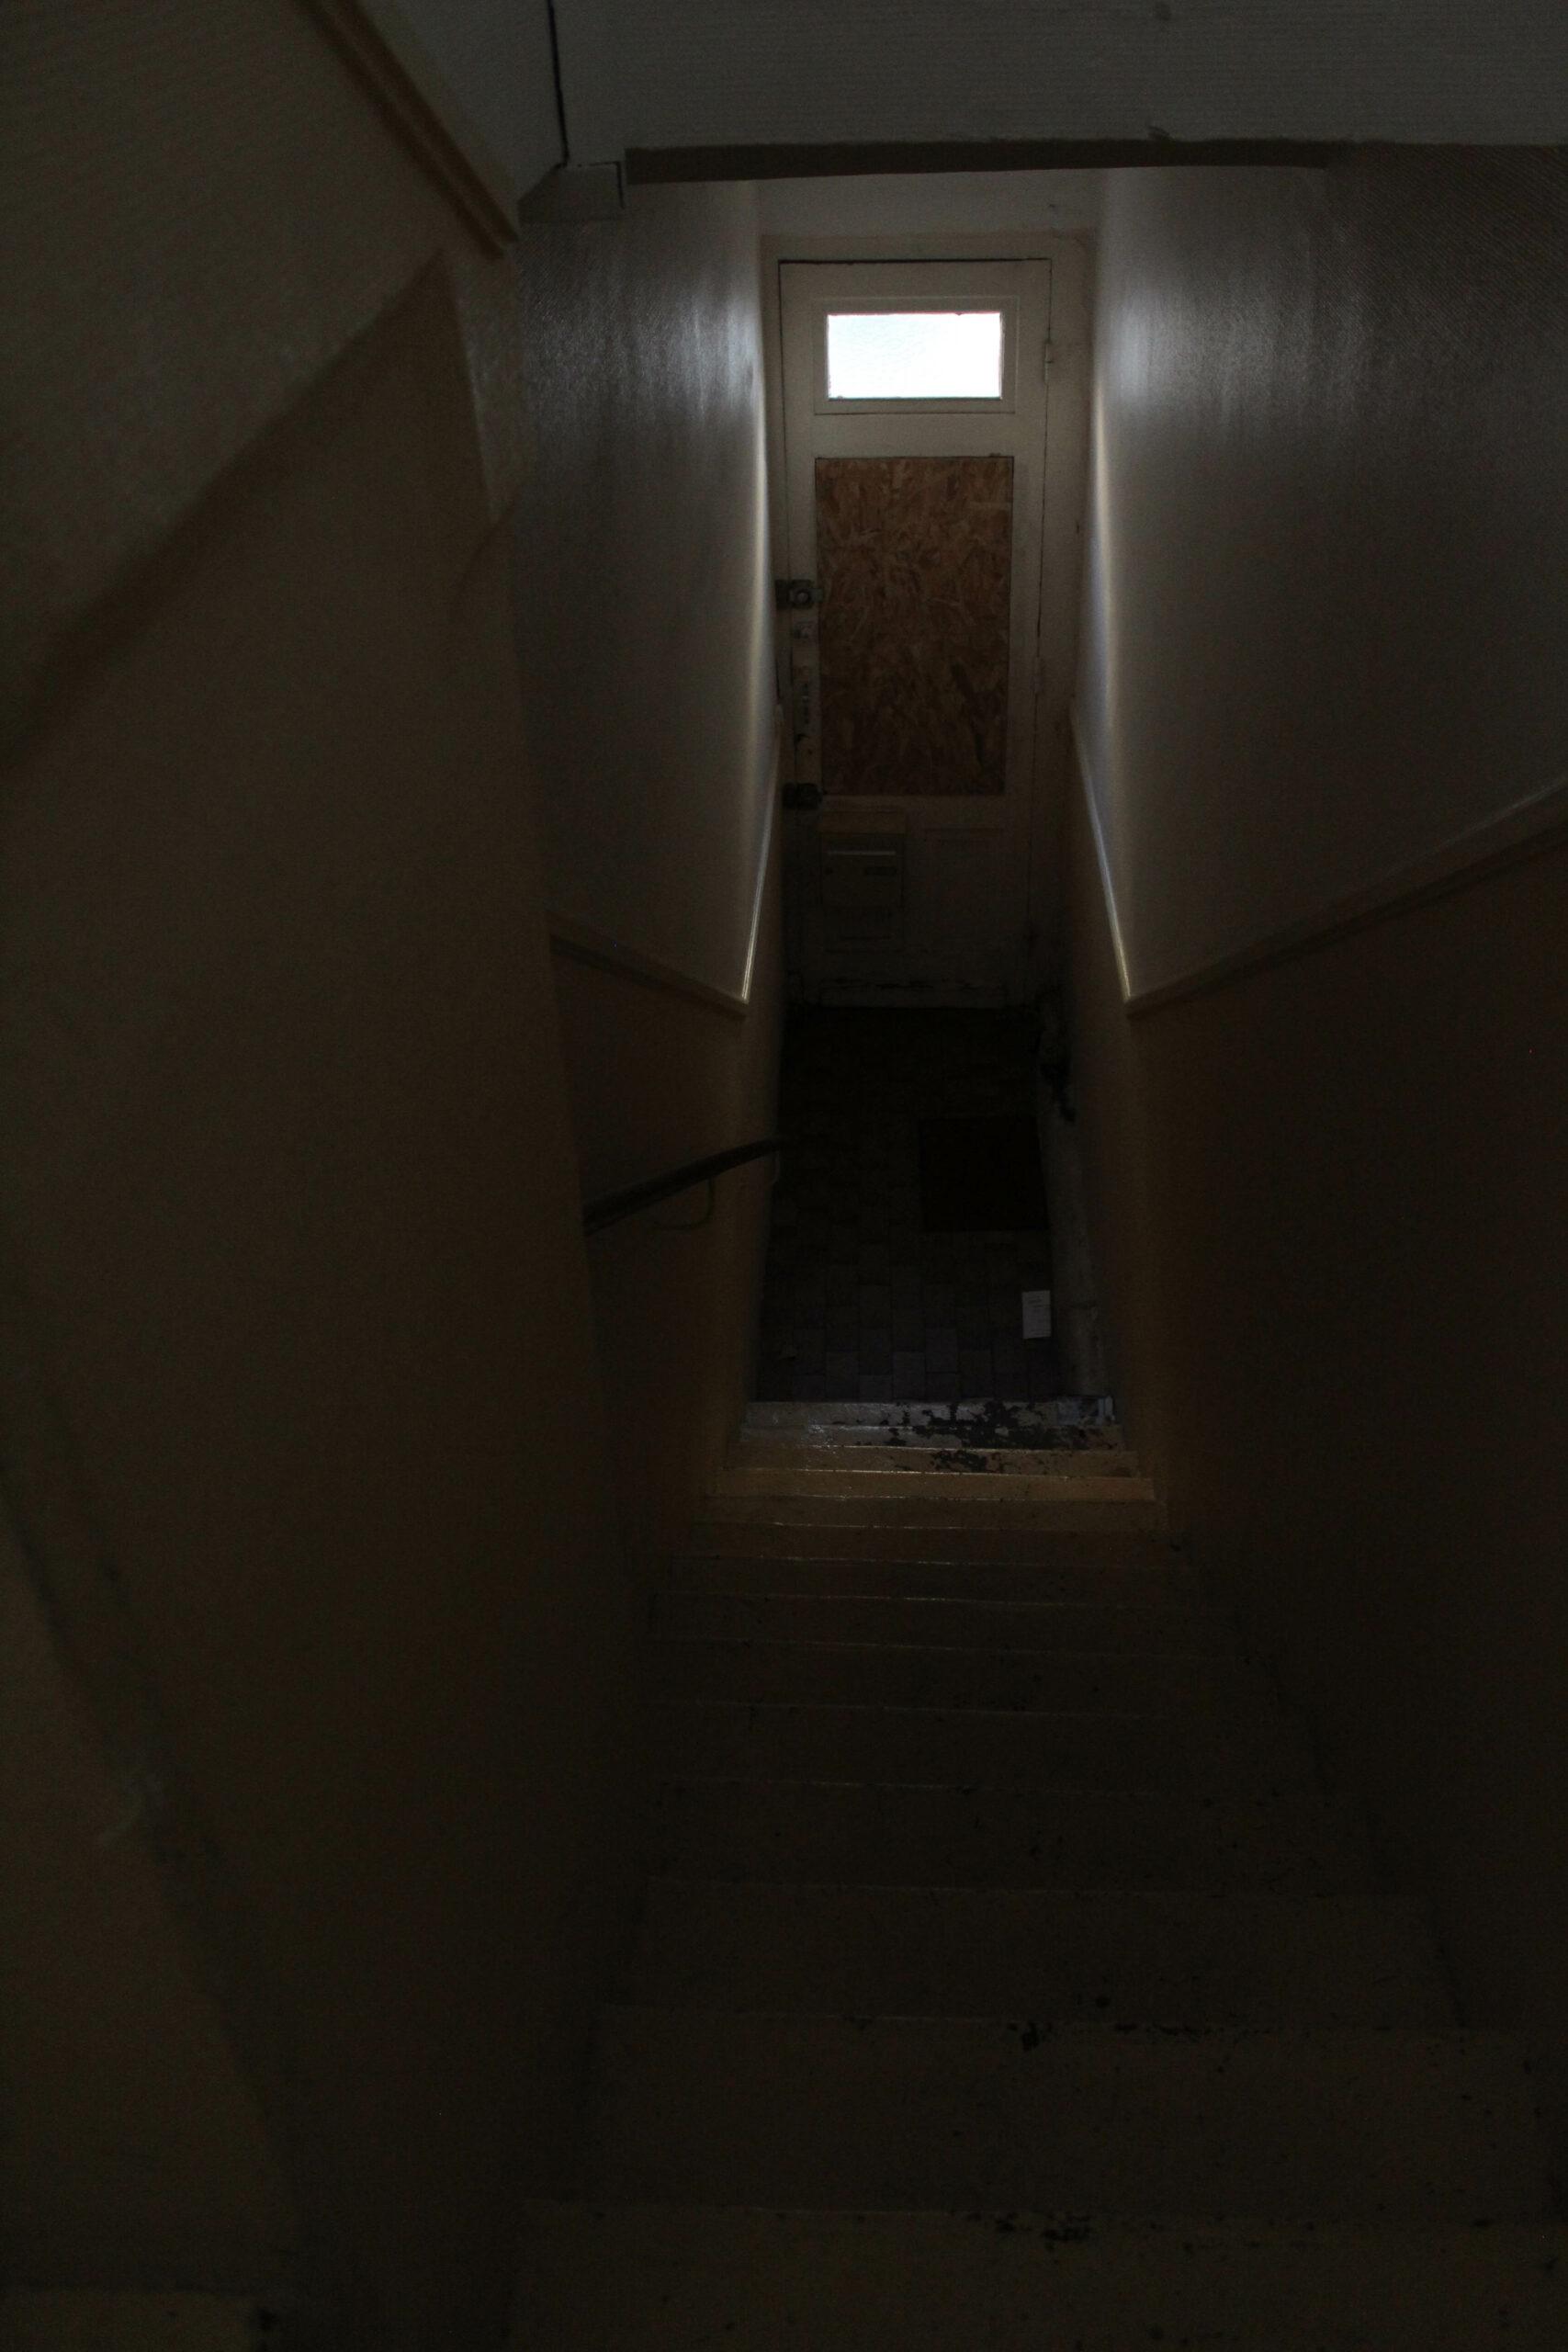 Escalier sombre.